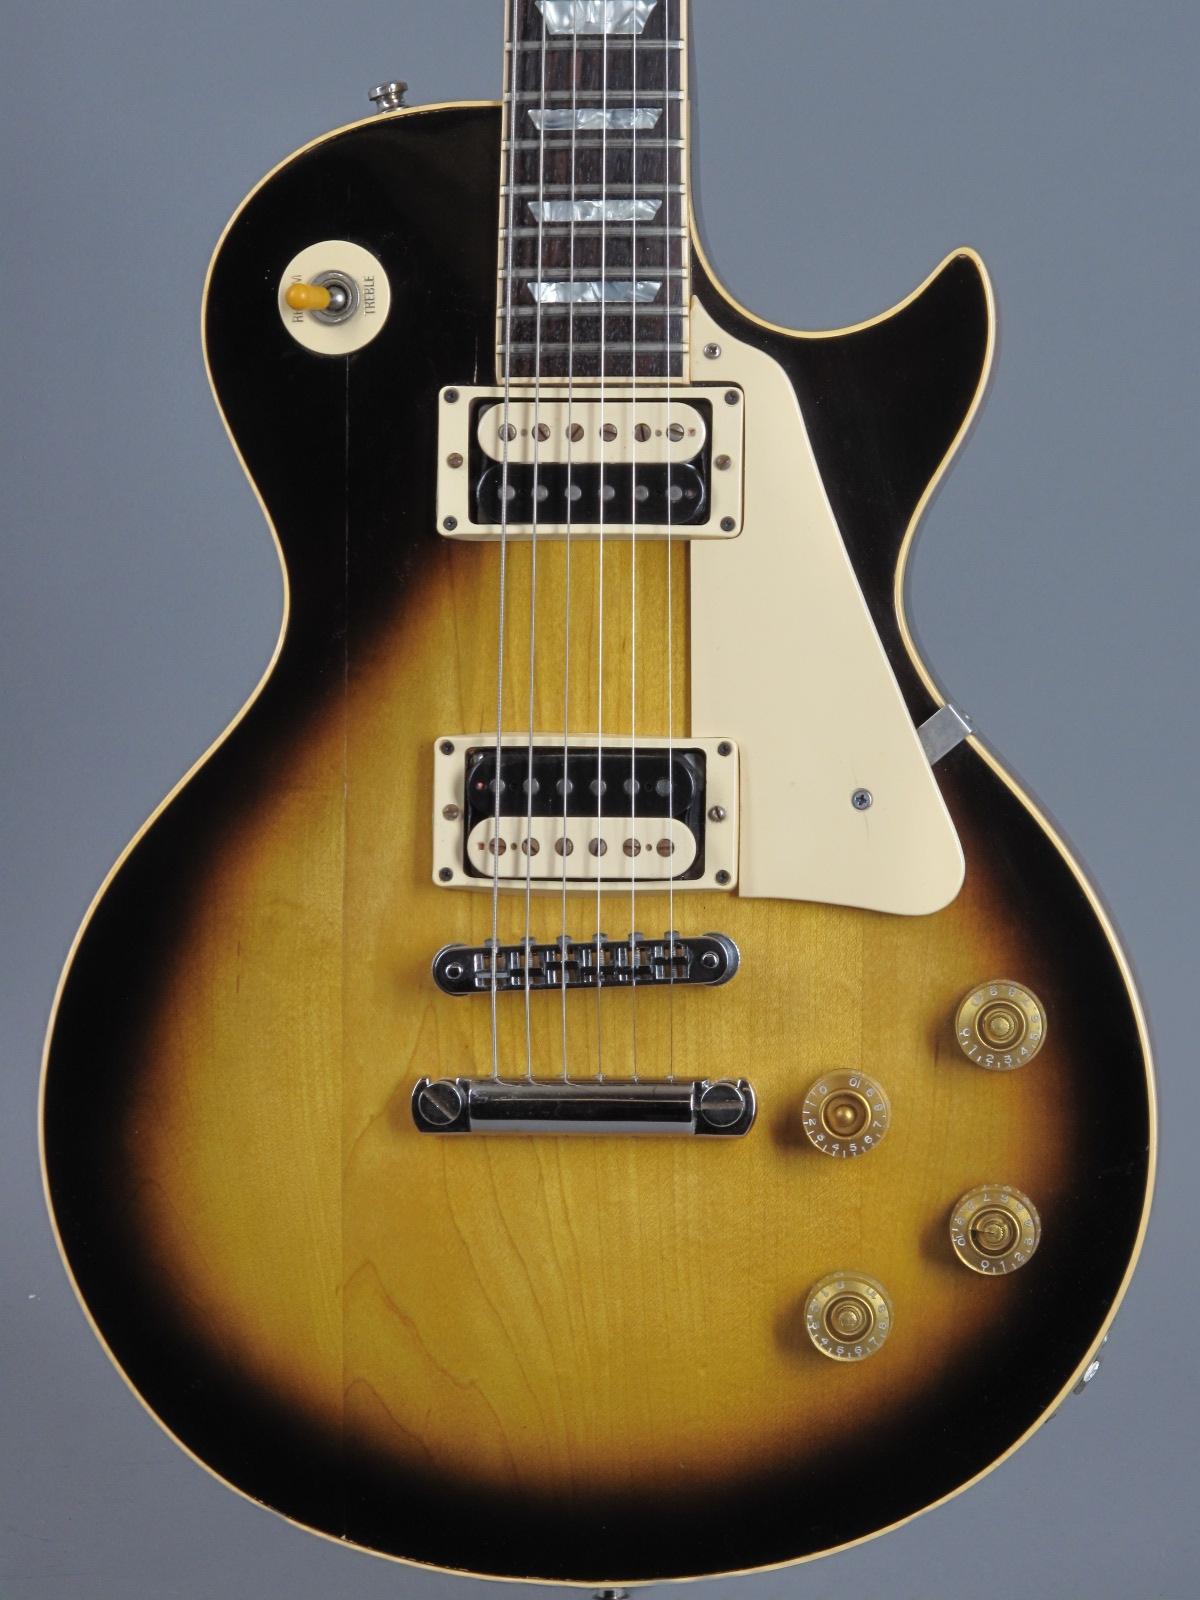 1981 Gibson Les Paul Standard - Sunburst